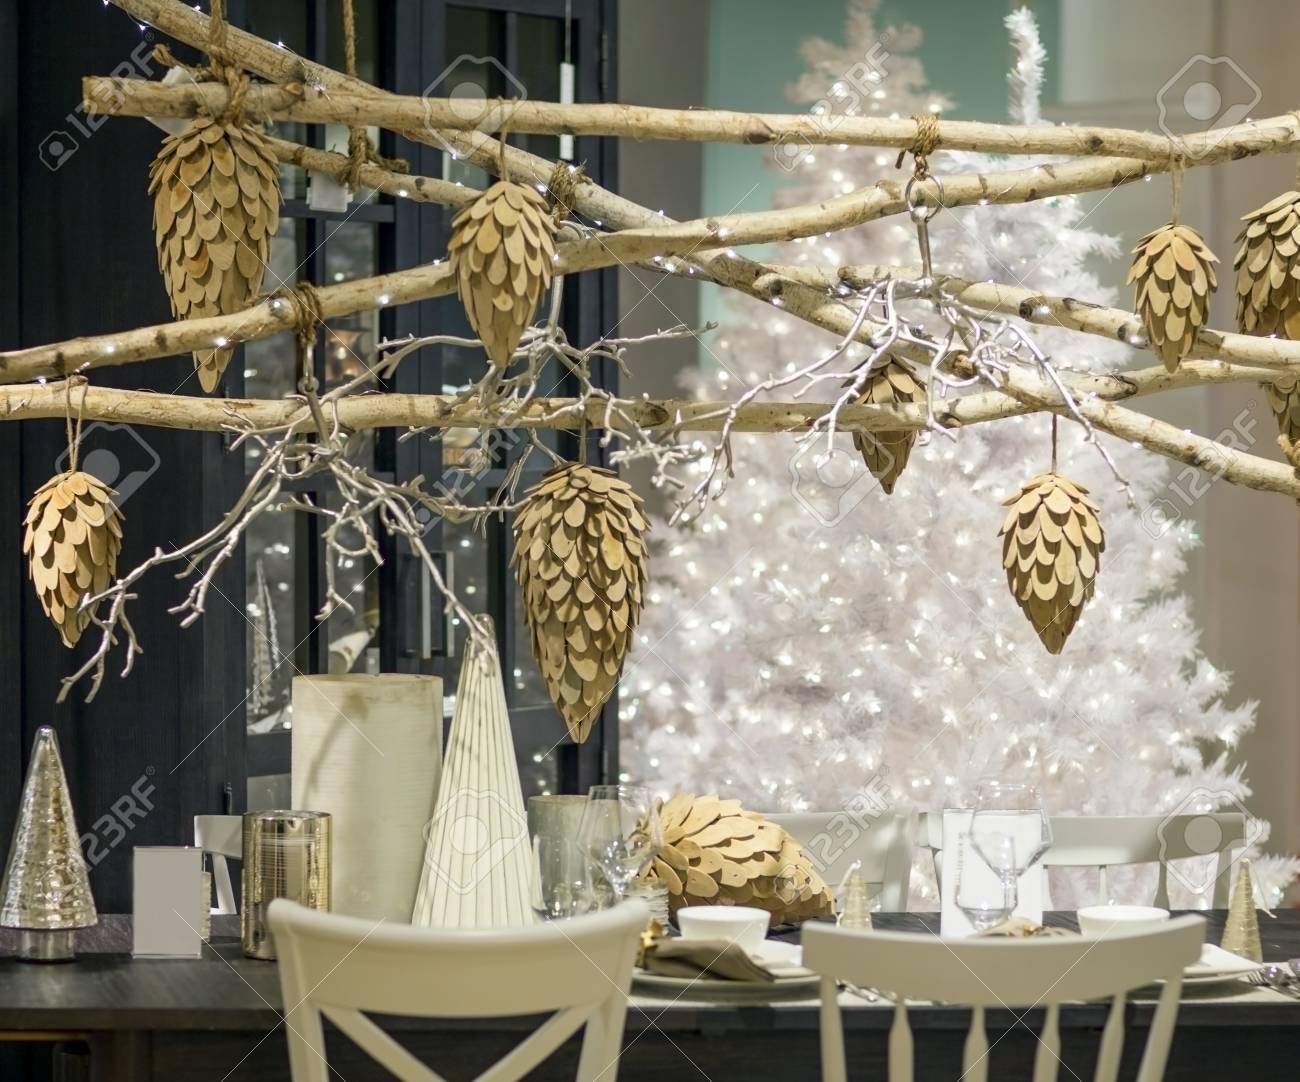 Geschmackvoll Eingerichtete Zimmer Und Tisch Für Heiligabend ...